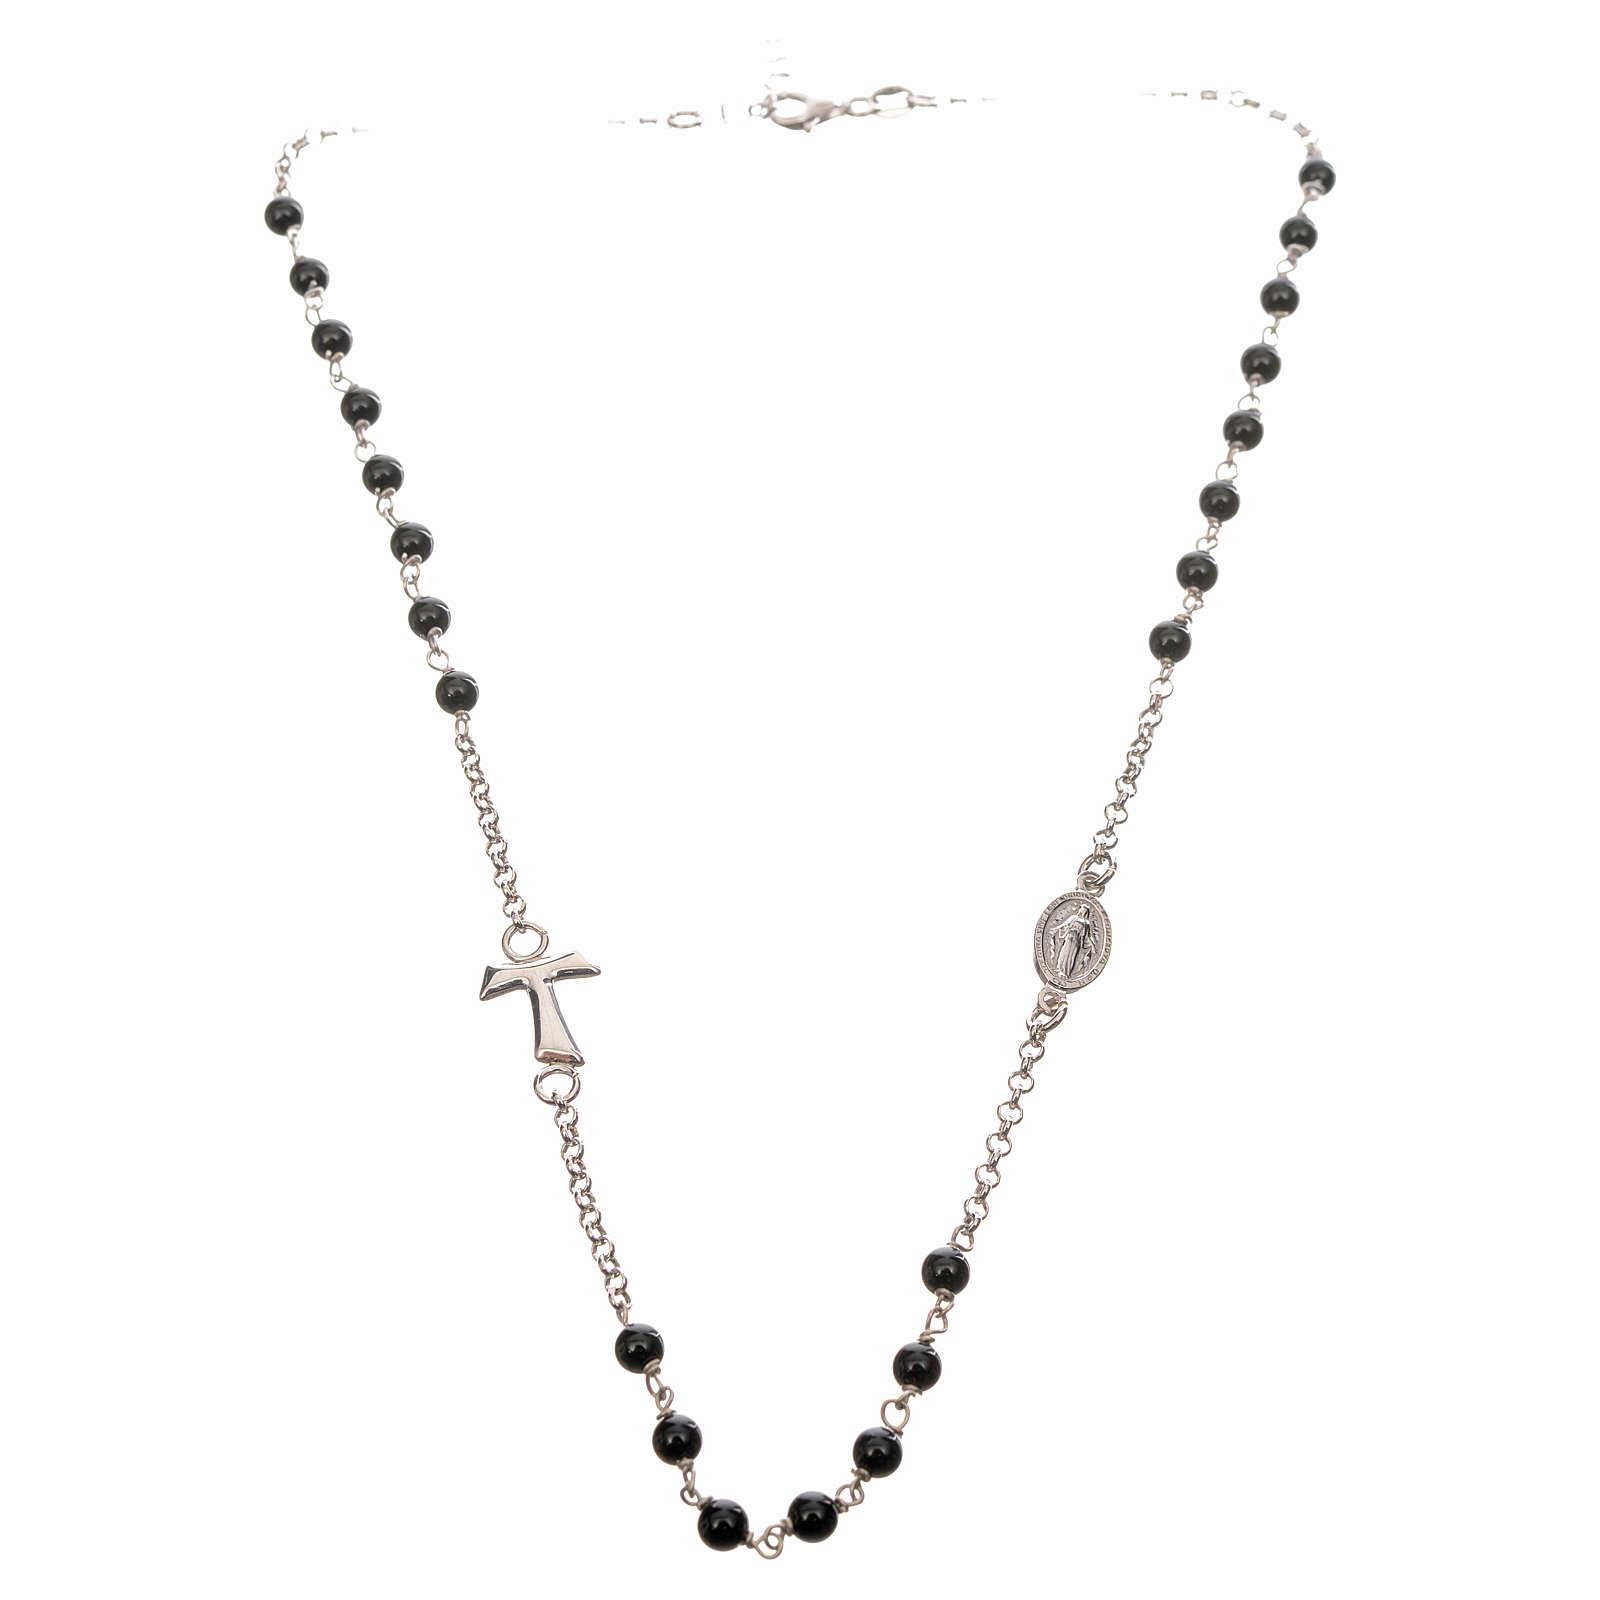 Ras du cou MATER perles chaîne argent 925 4